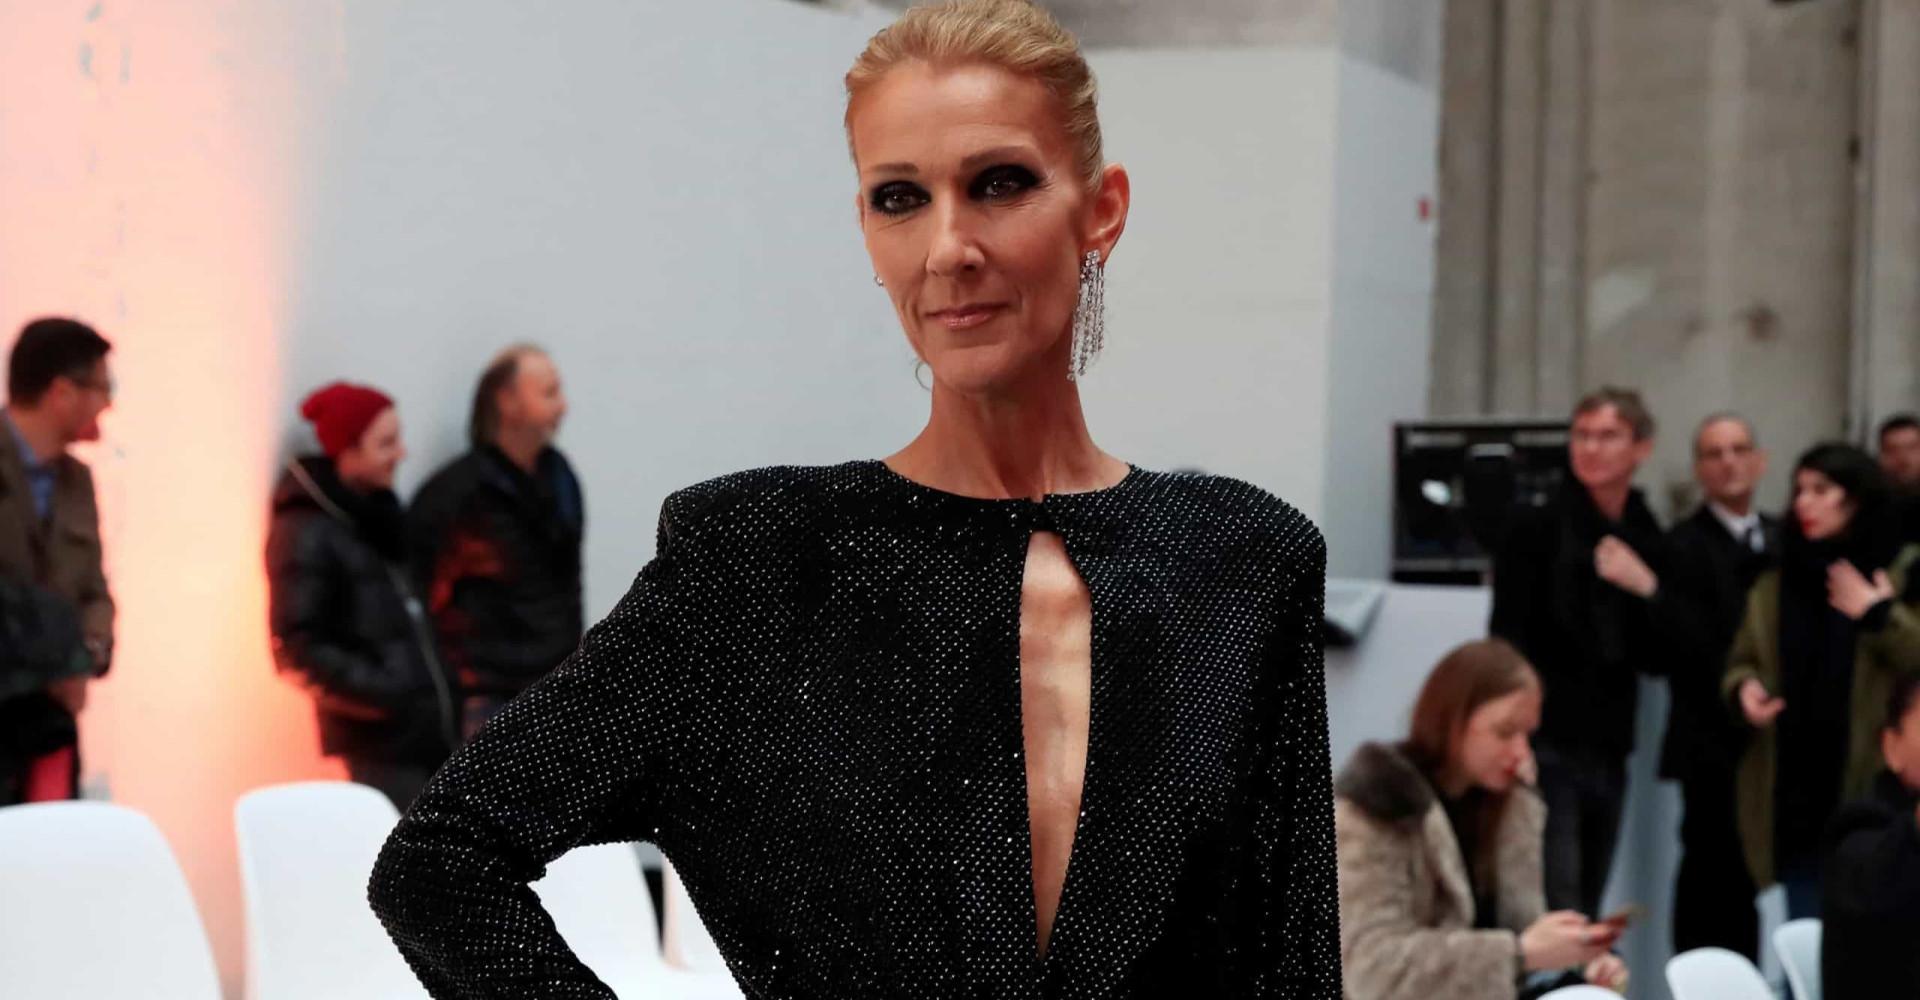 Diva extraordinaire Celine Dion tops Billboard's charts